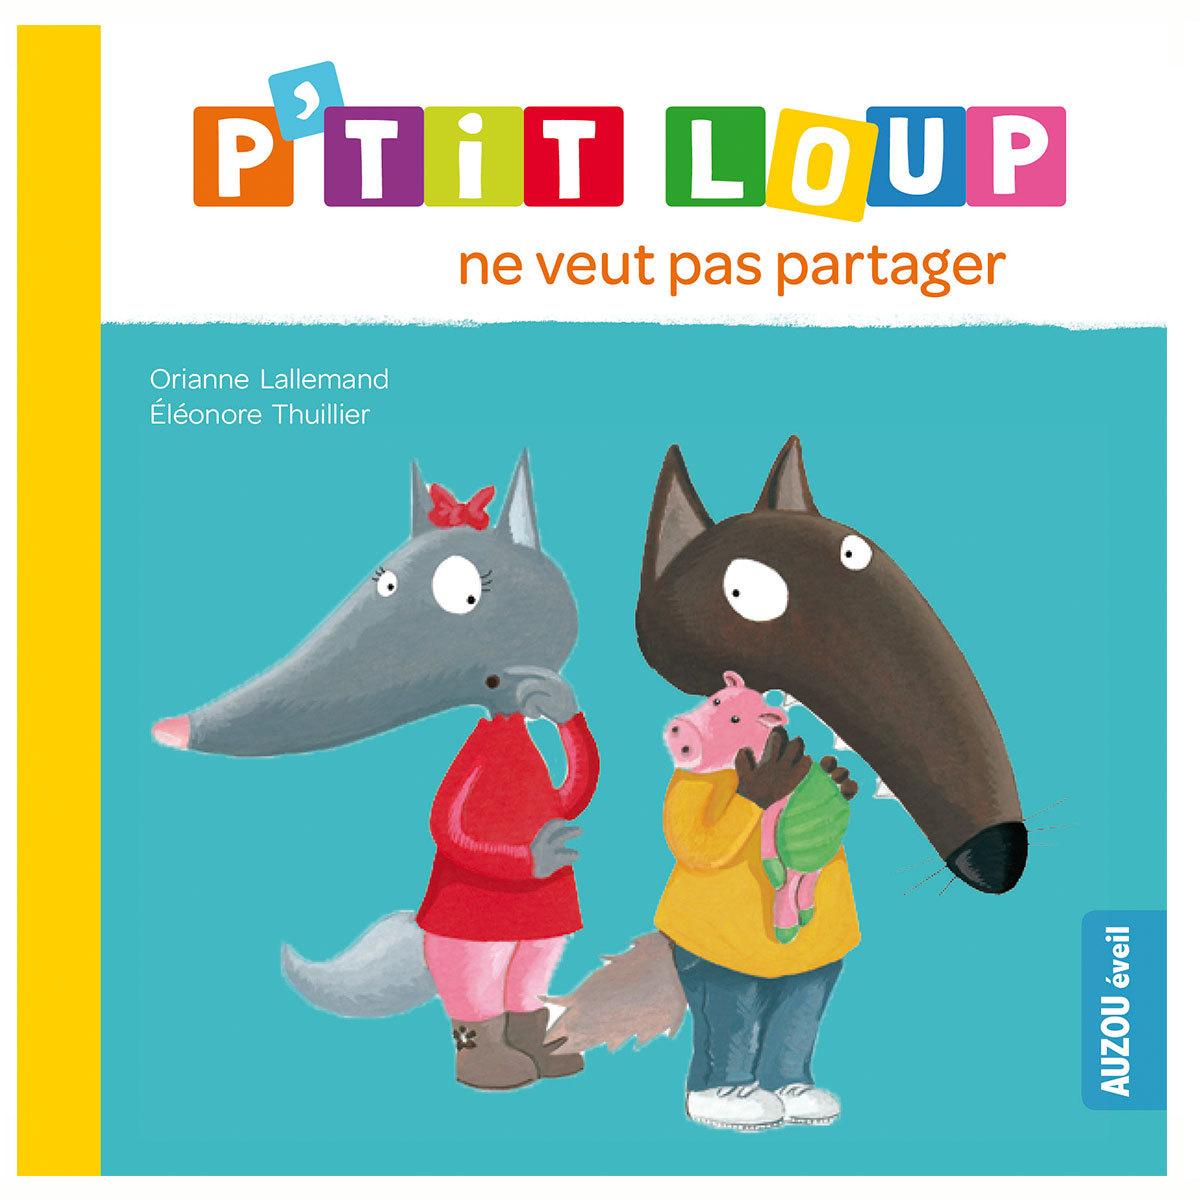 Livre & Carte P'tit Loup ne veut pas partager